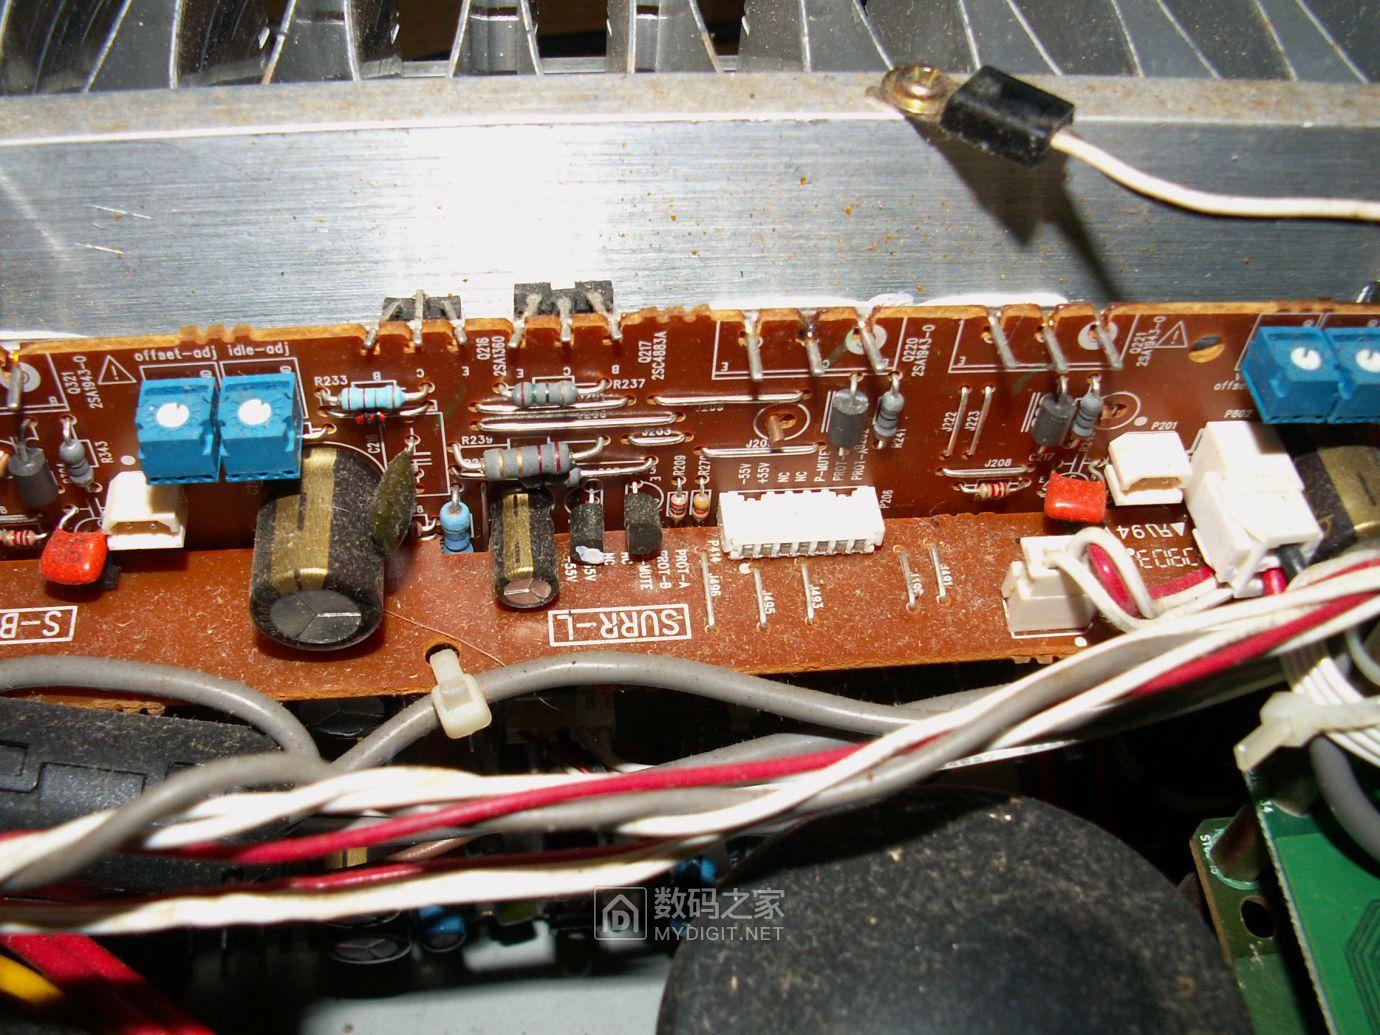 【热点】维修利利普OWON-SDS8102V示波器旋钮失灵,拆机更换全部编码器 数码拆机百科 第25张